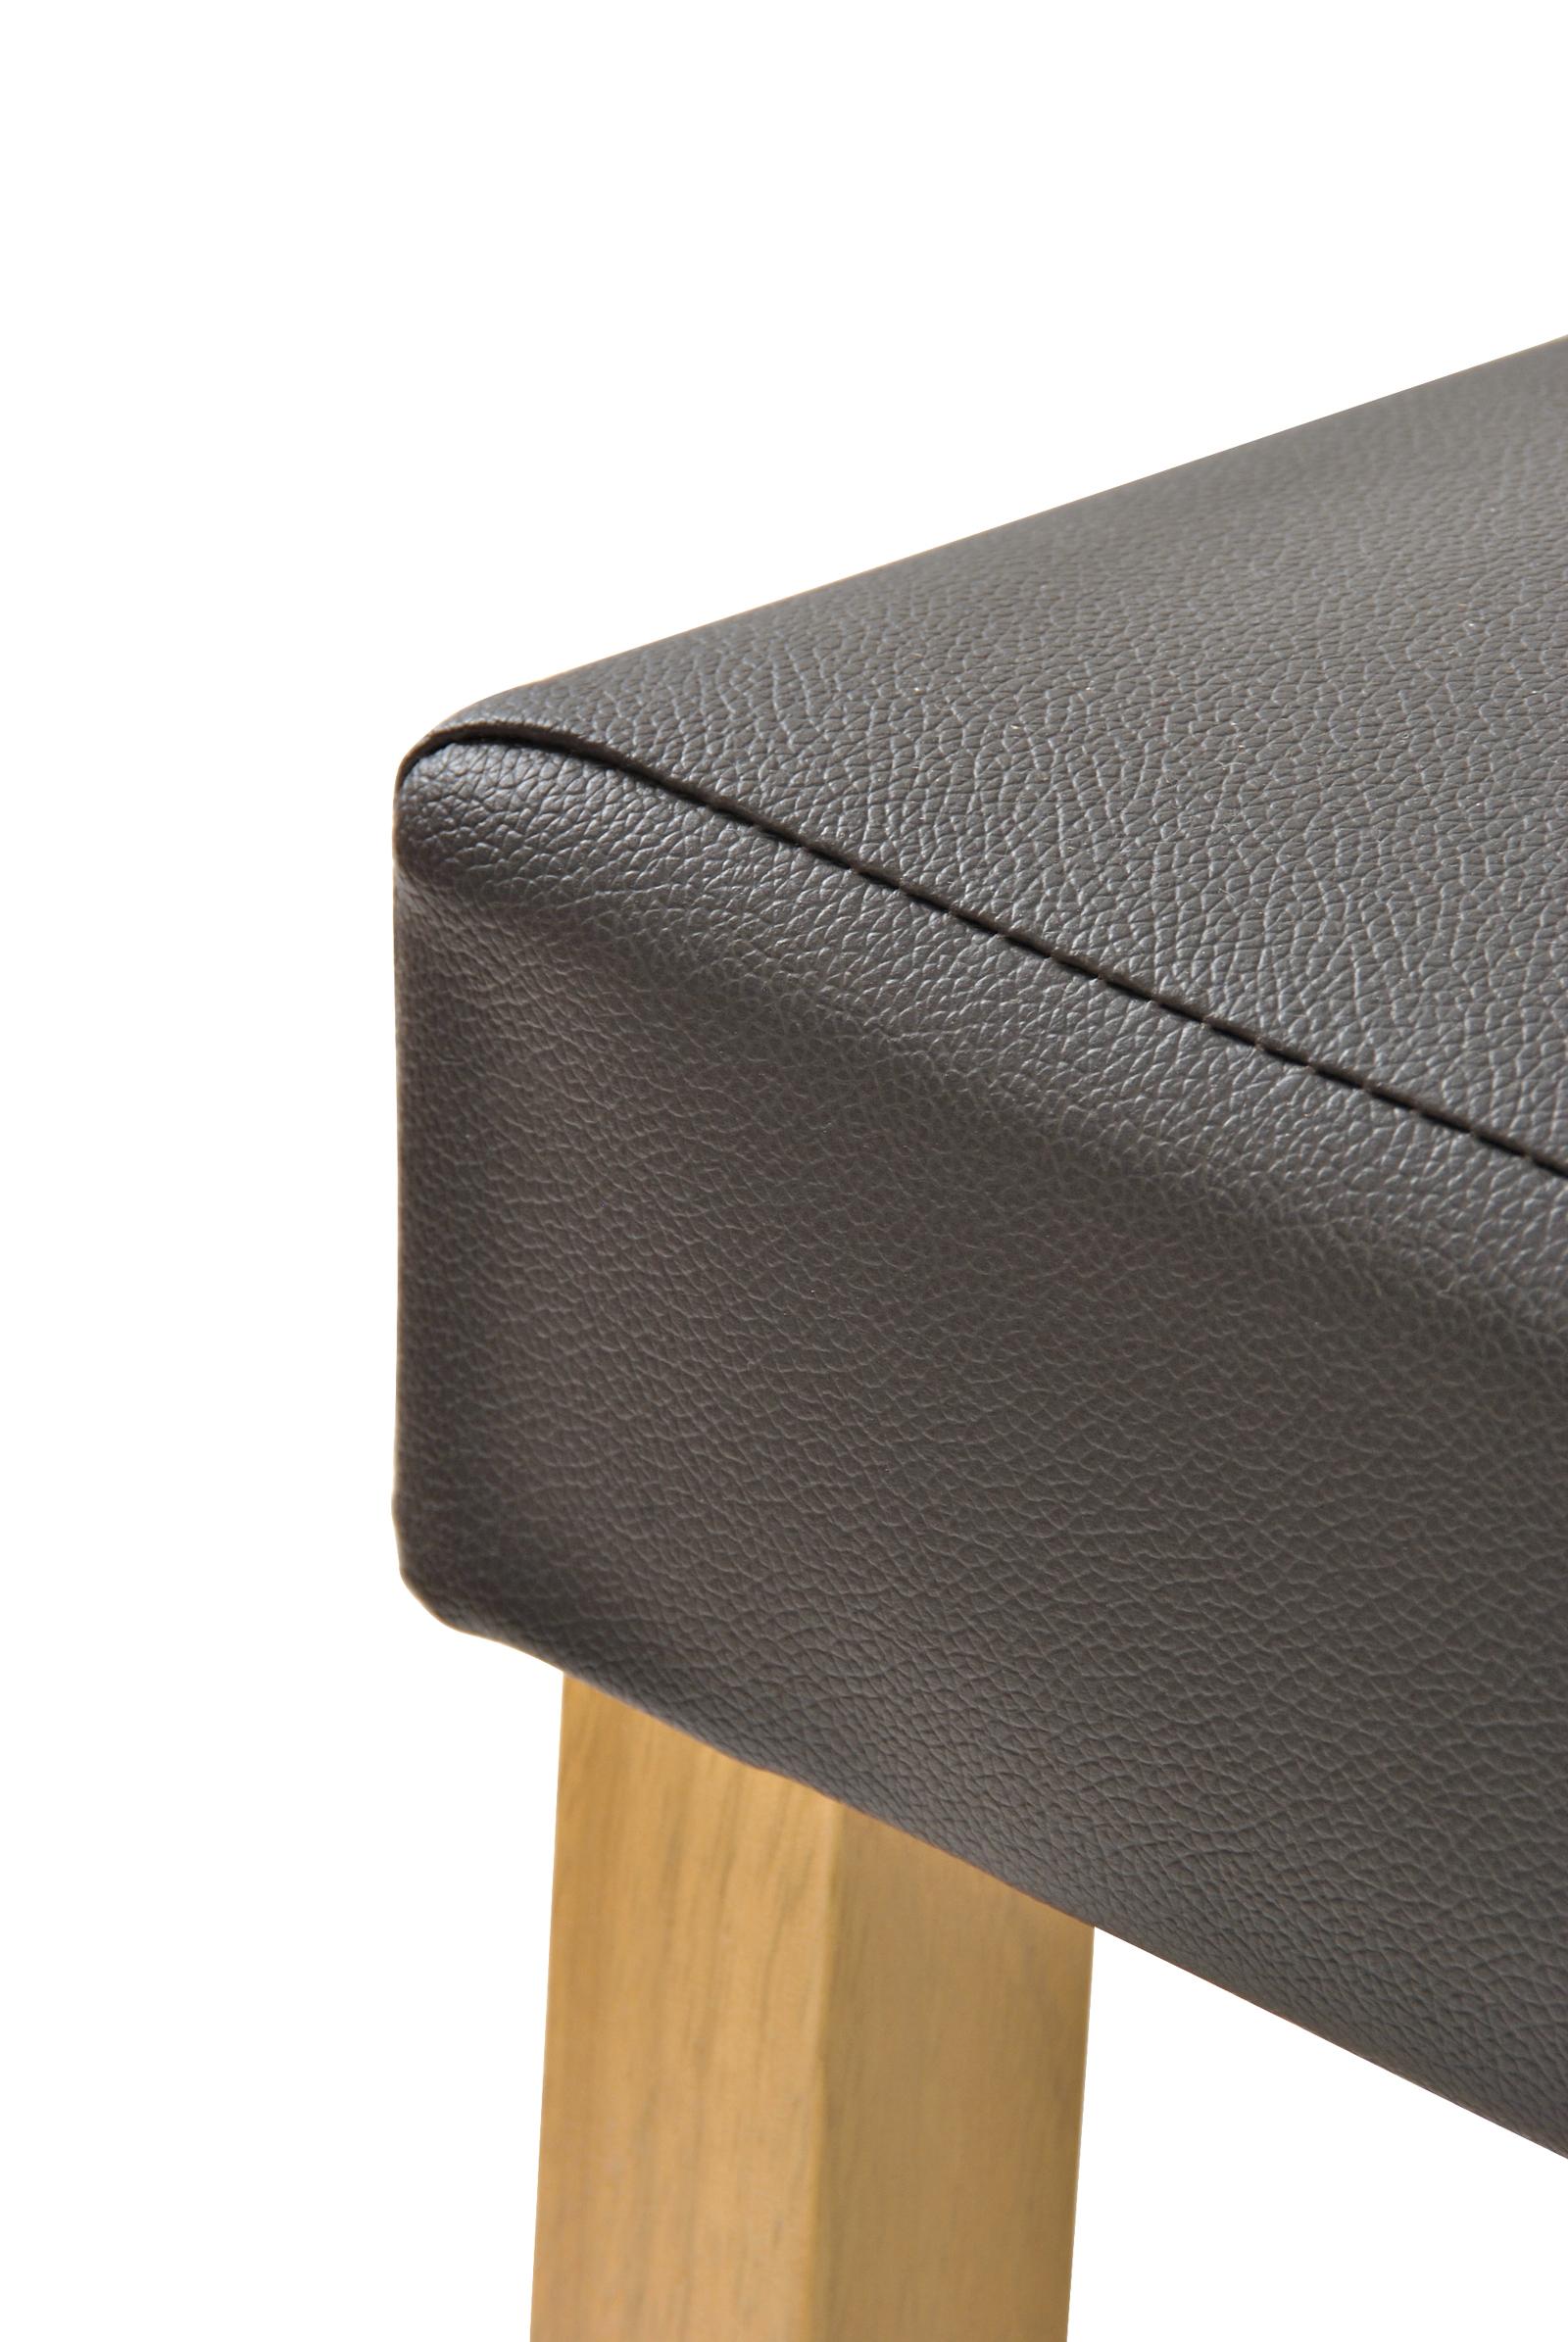 ... Esszimmer-Stühle » SAM® Esszimmer Polster Stuhl braun buche BILLI